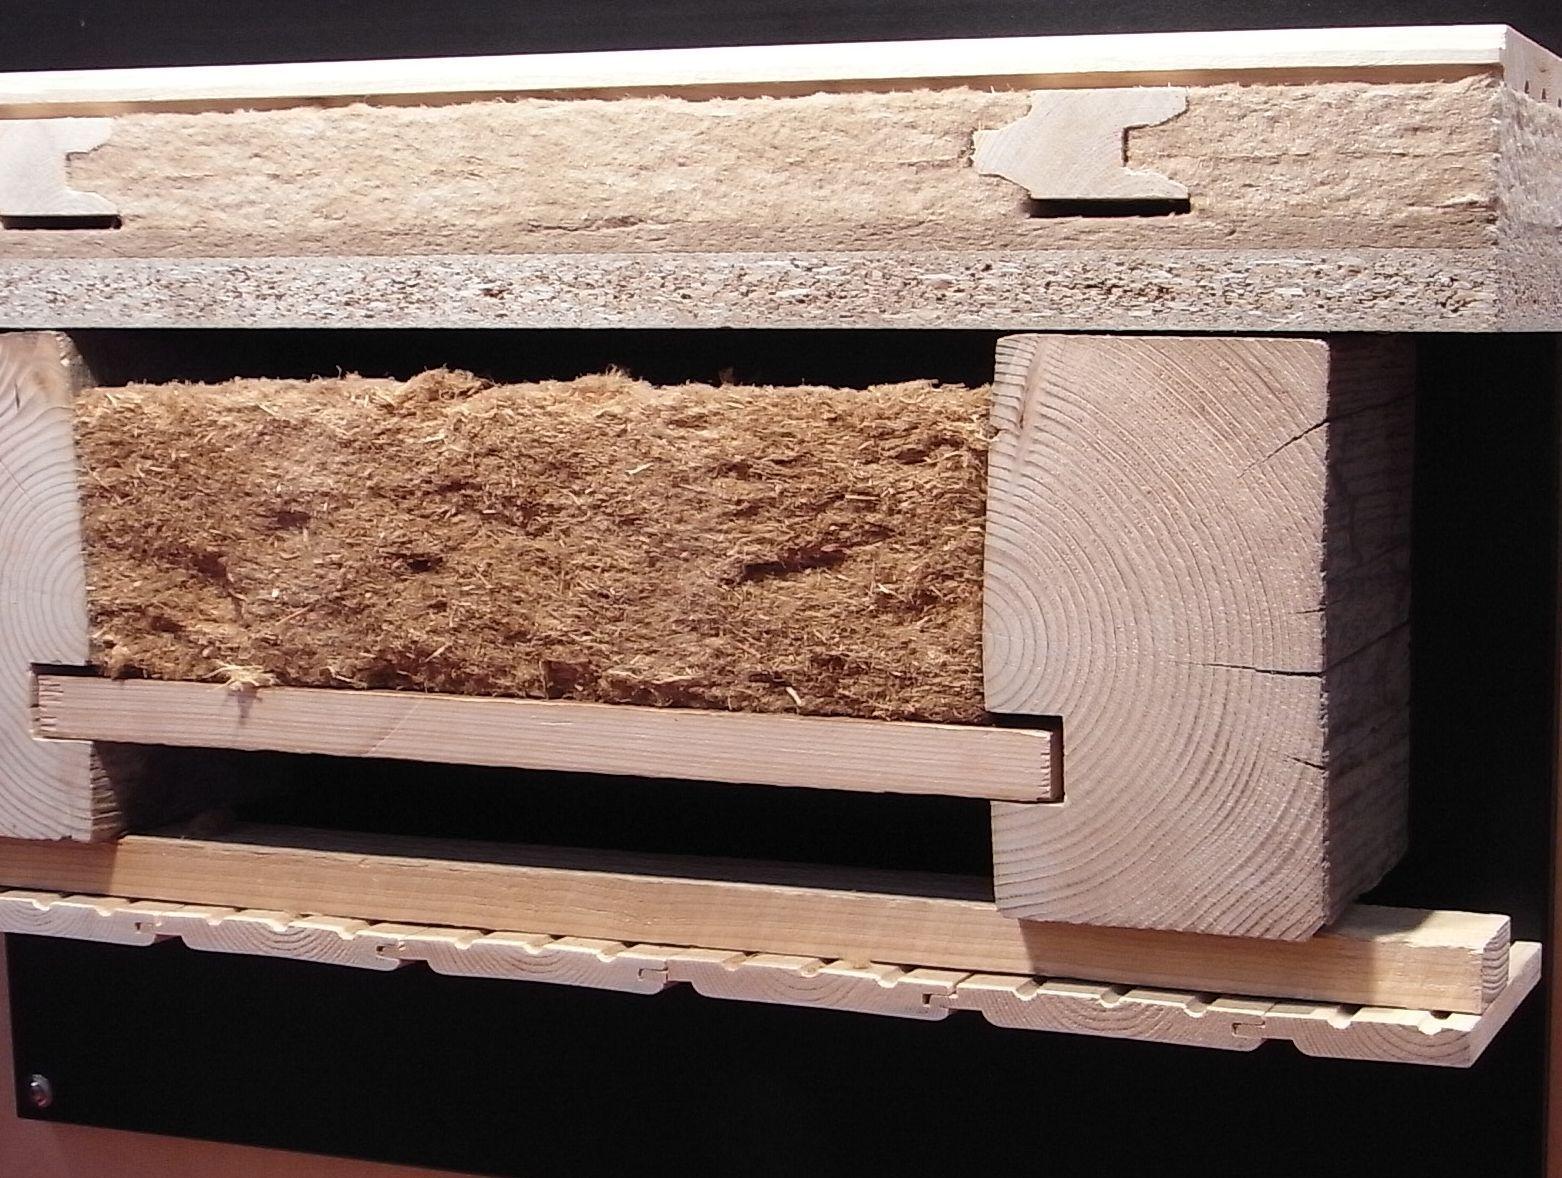 Aufbau Einer Holzbalkendecke Mit Dã¤Mmung Das Muster Zeigt Eine Sehr